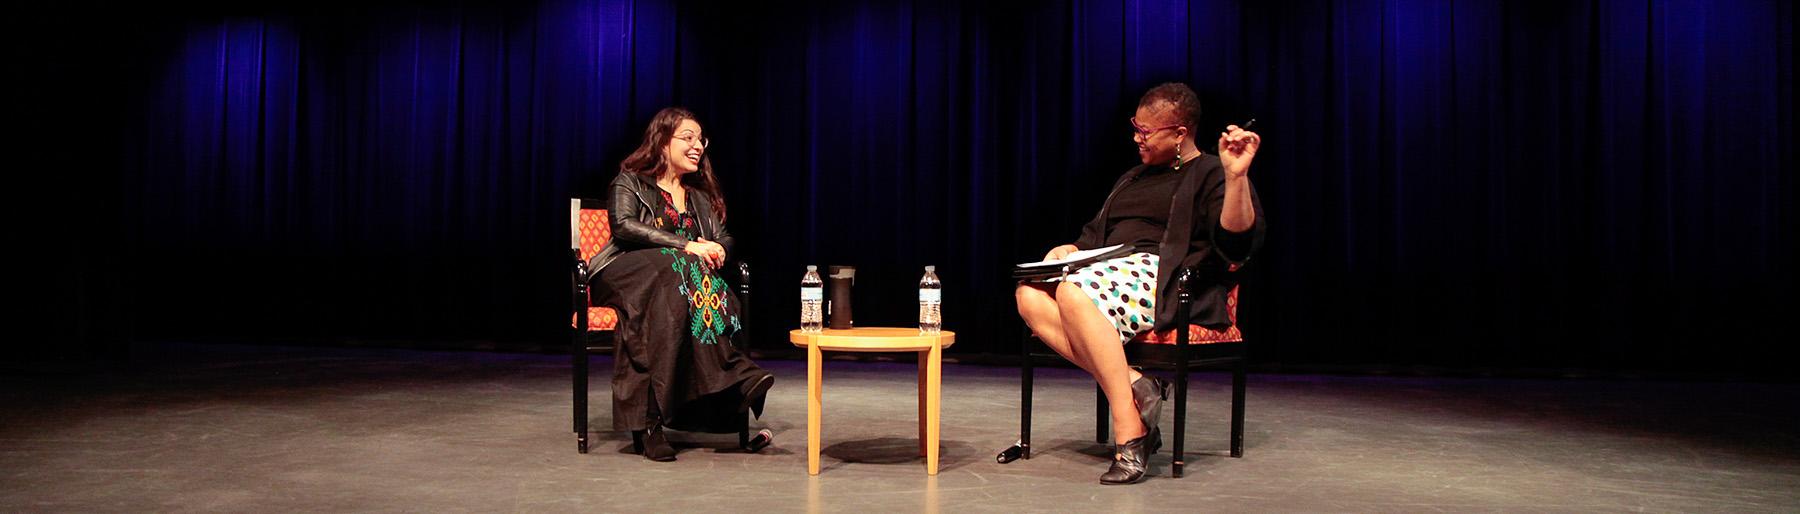 Anita Sarkeesian and Adriane Lentz-Smith EoN Photo